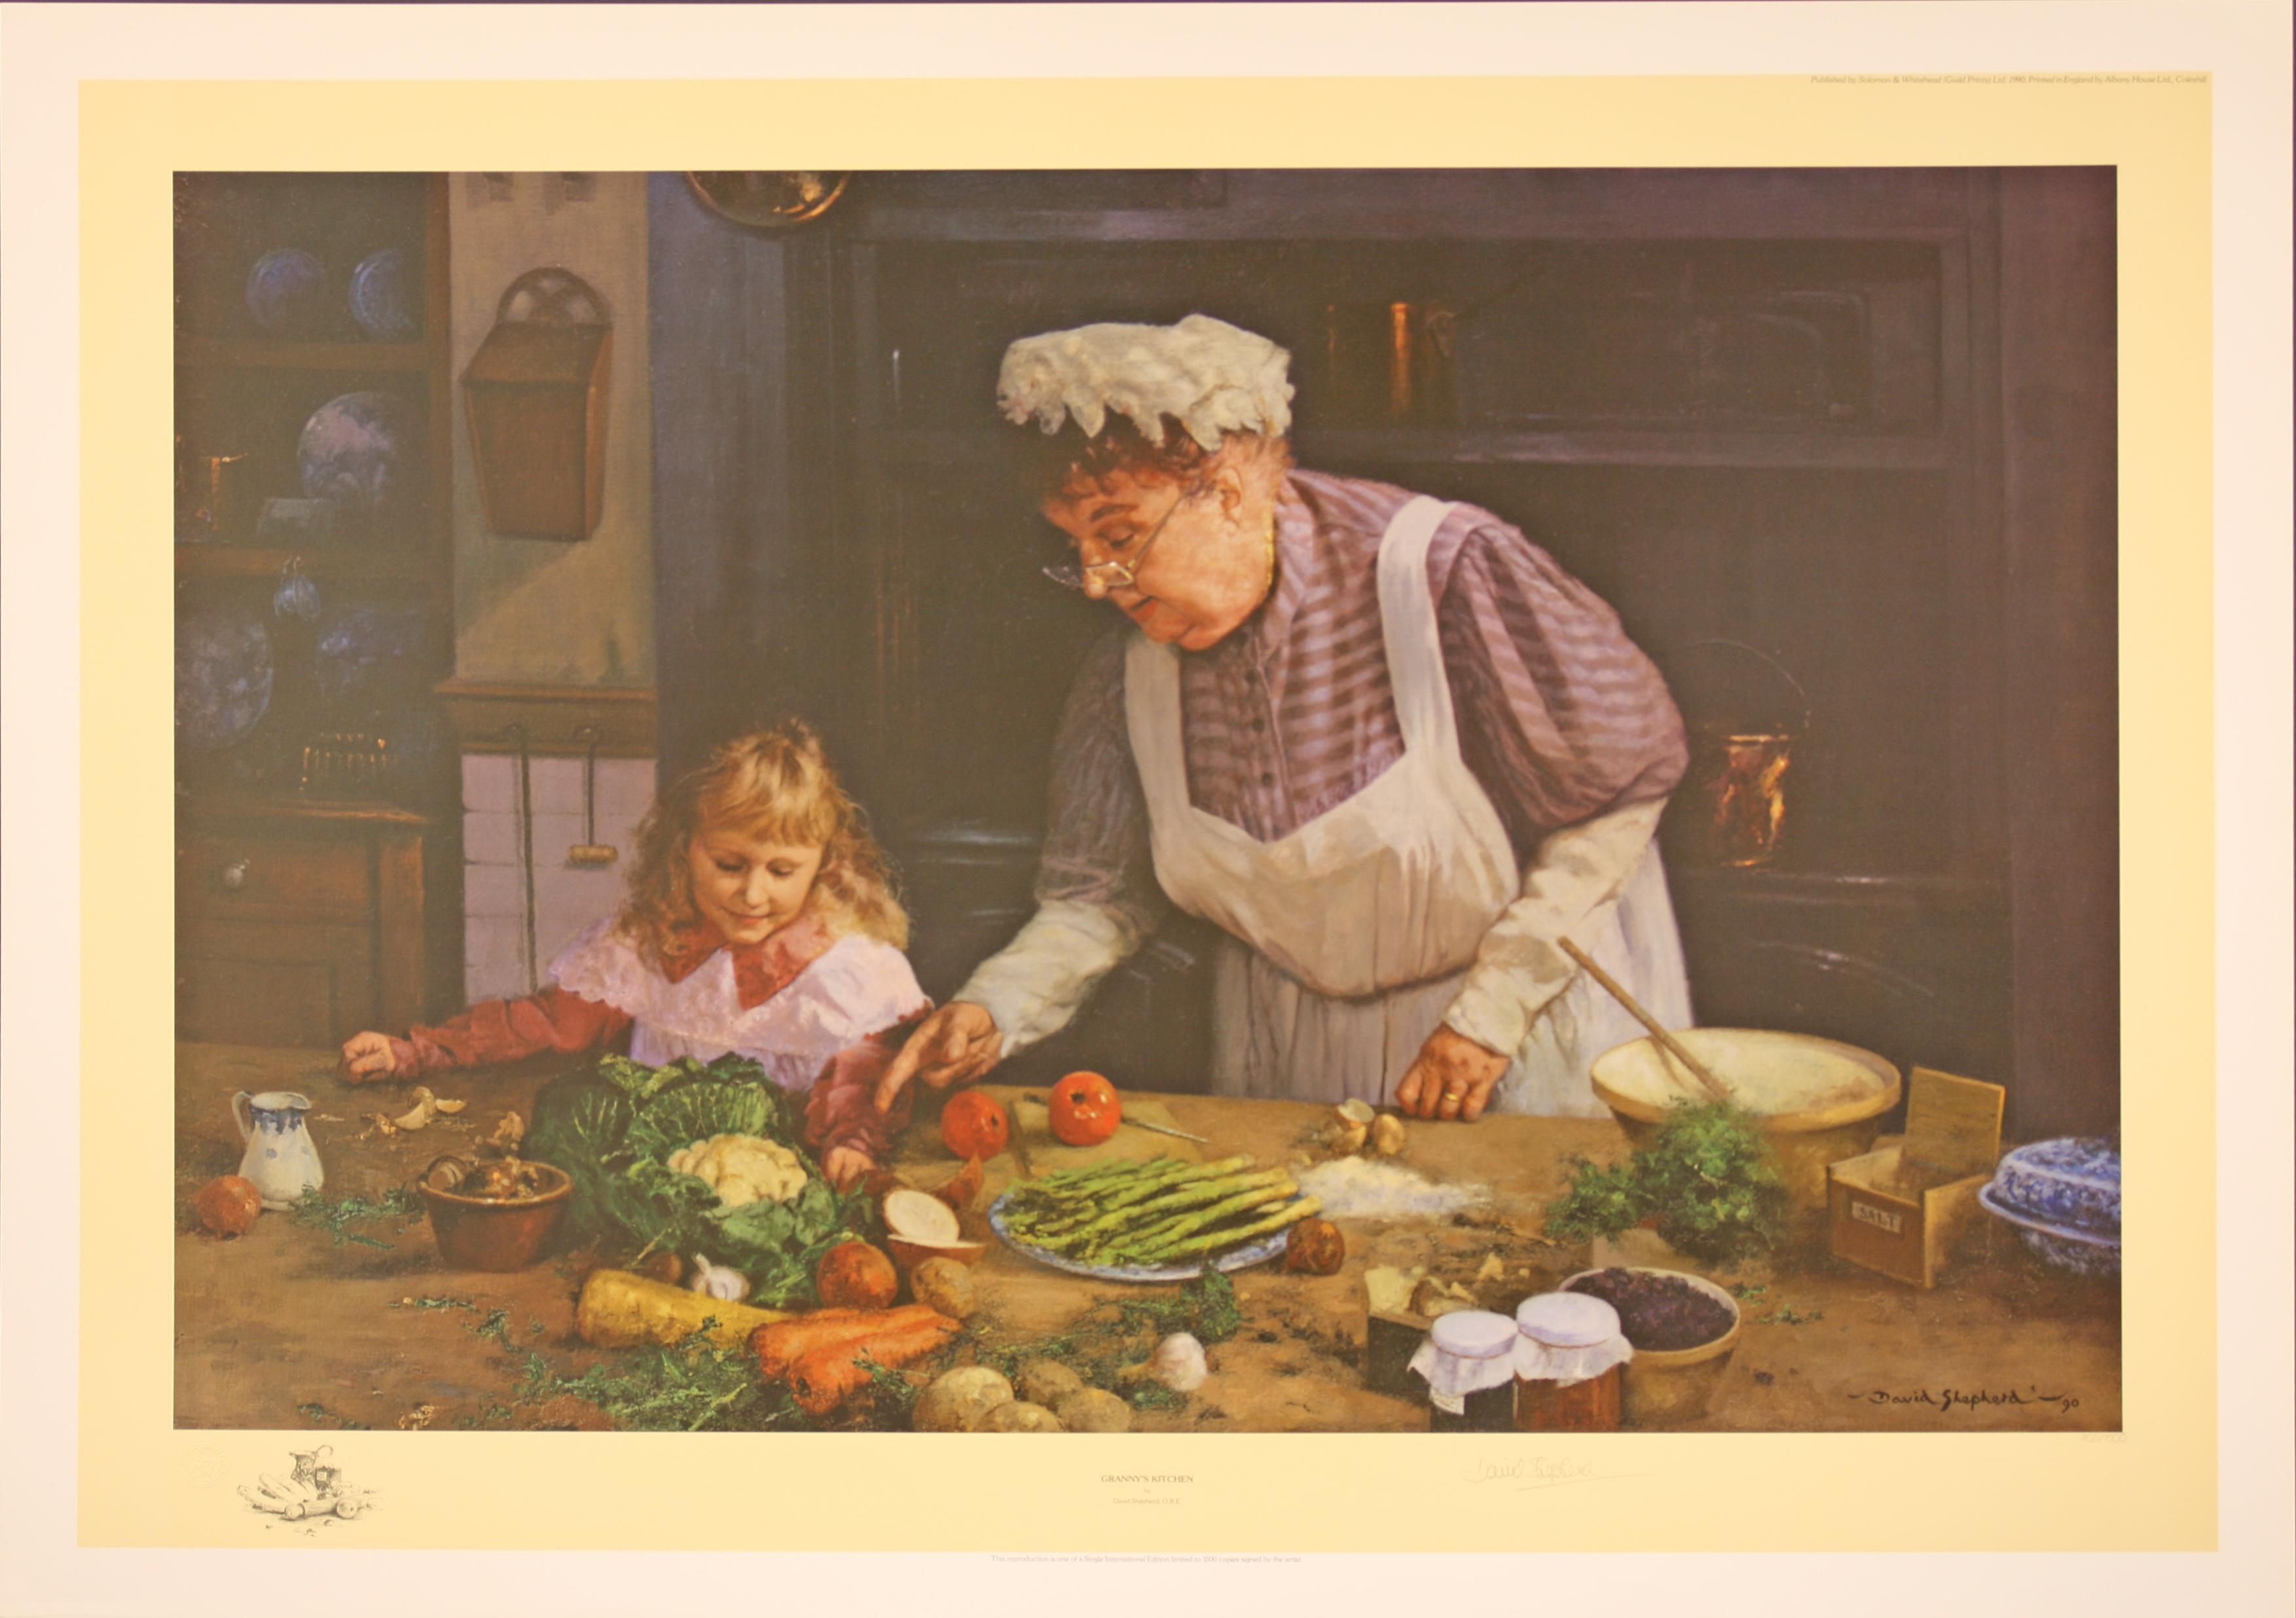 grannys kitchen 1990 - Grannys Kitchen